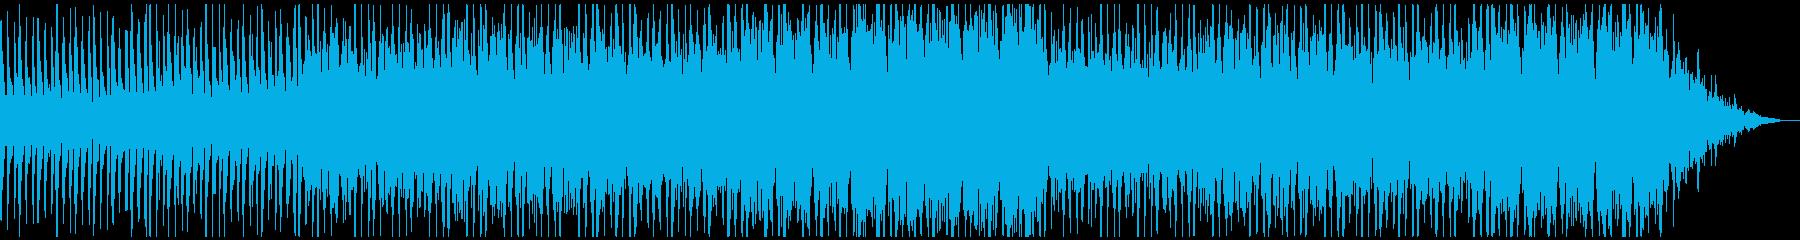 オーケストラの応援ソングの再生済みの波形